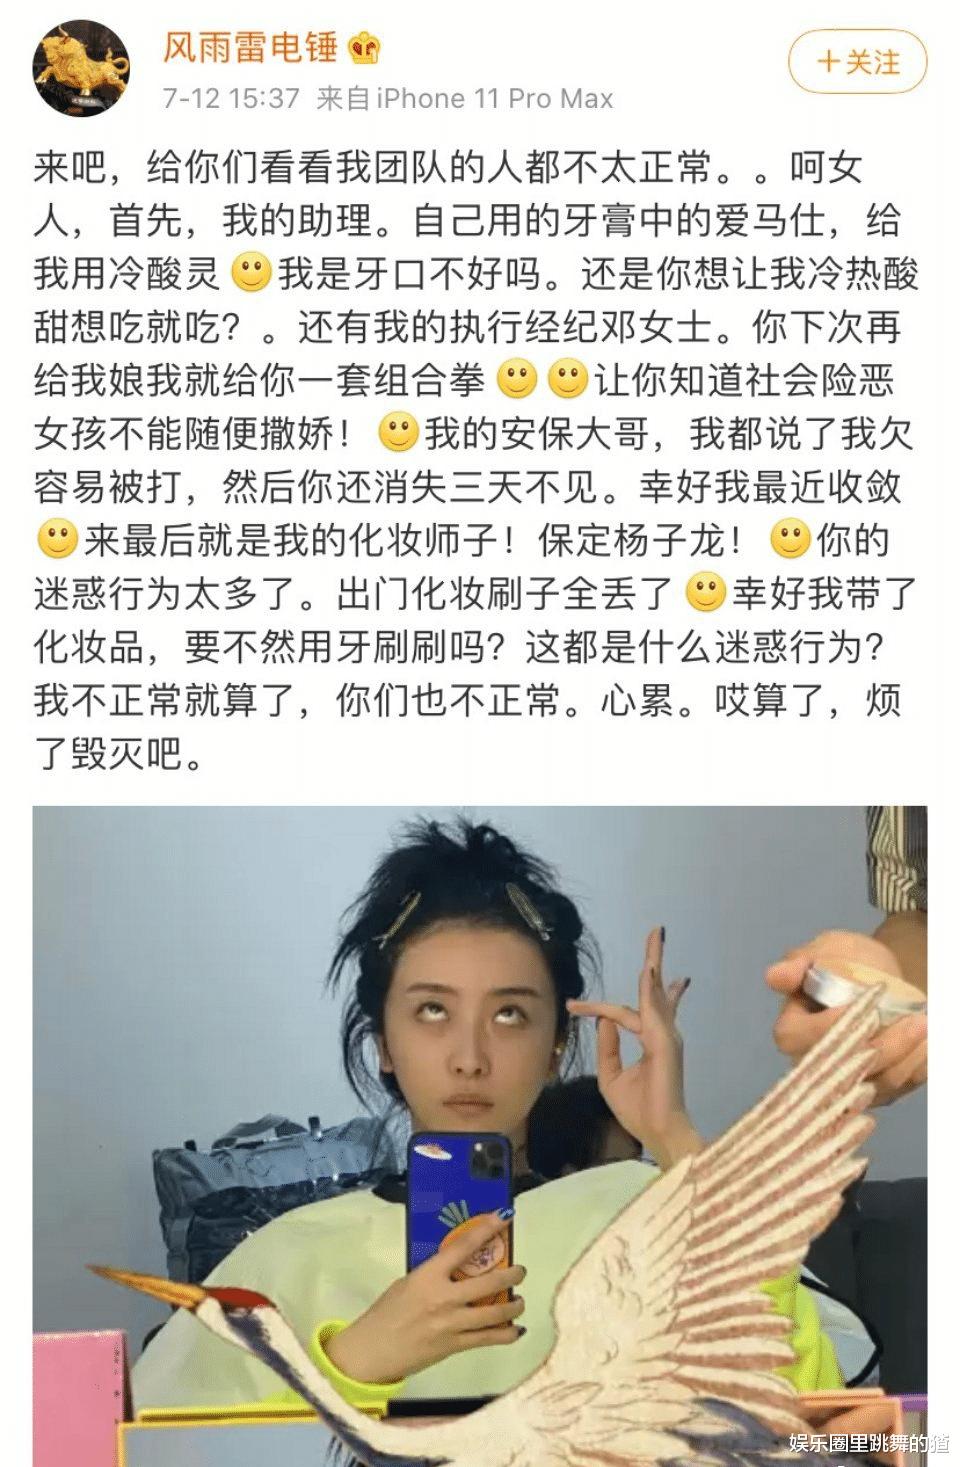 王源后,又一顶流女偶像吸烟被拍,姿势自在熟练,网友:老烟枪了